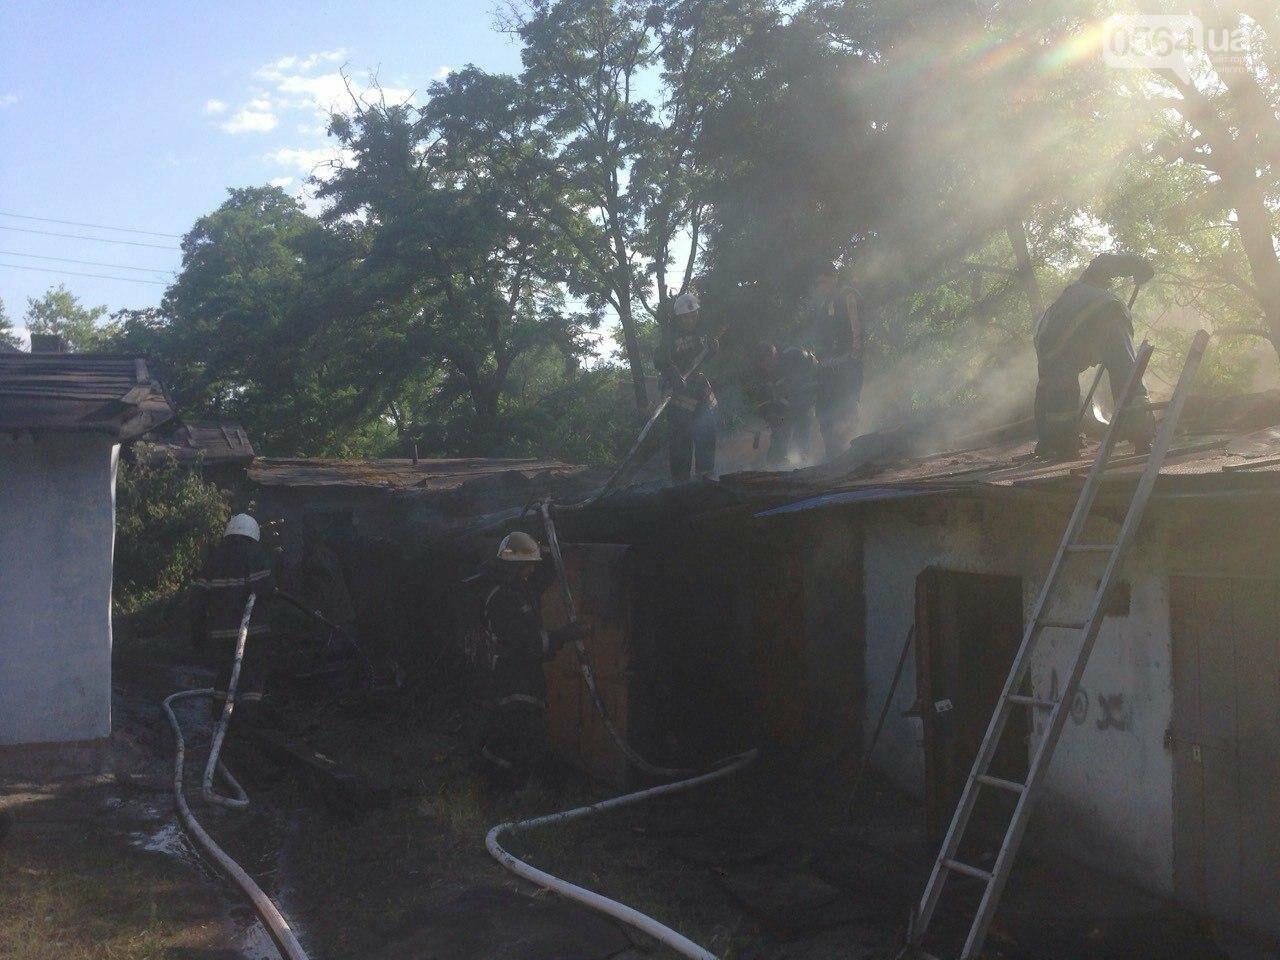 Возле одного из жилых домов в Кривом Роге вспыхнули подсобные помещения, - ФОТО, фото-1